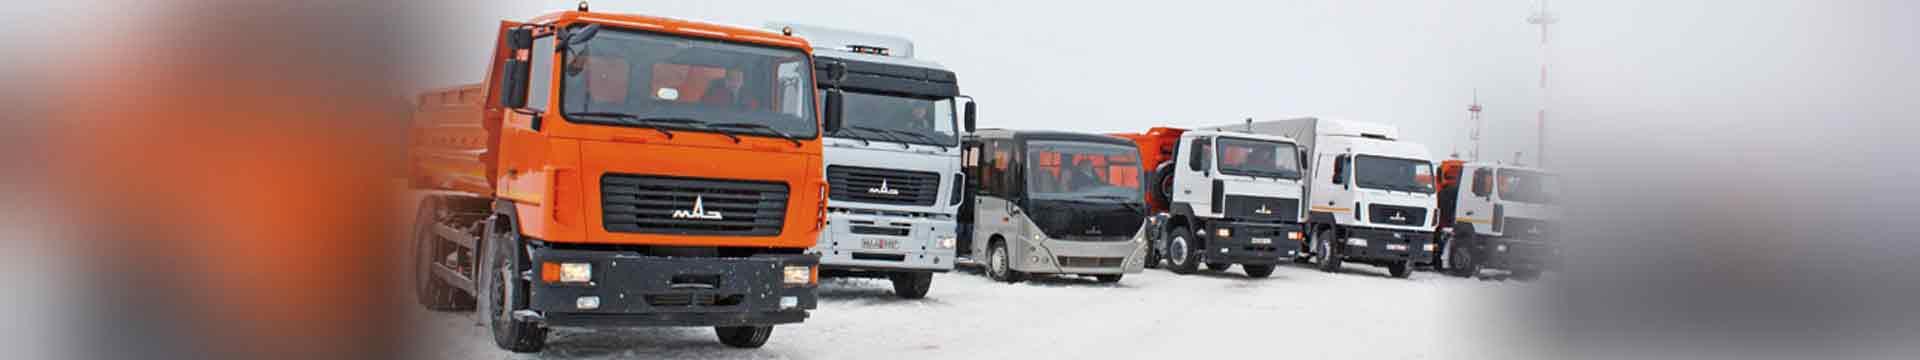 Модельный ряд грузовых автомобилей МАЗ